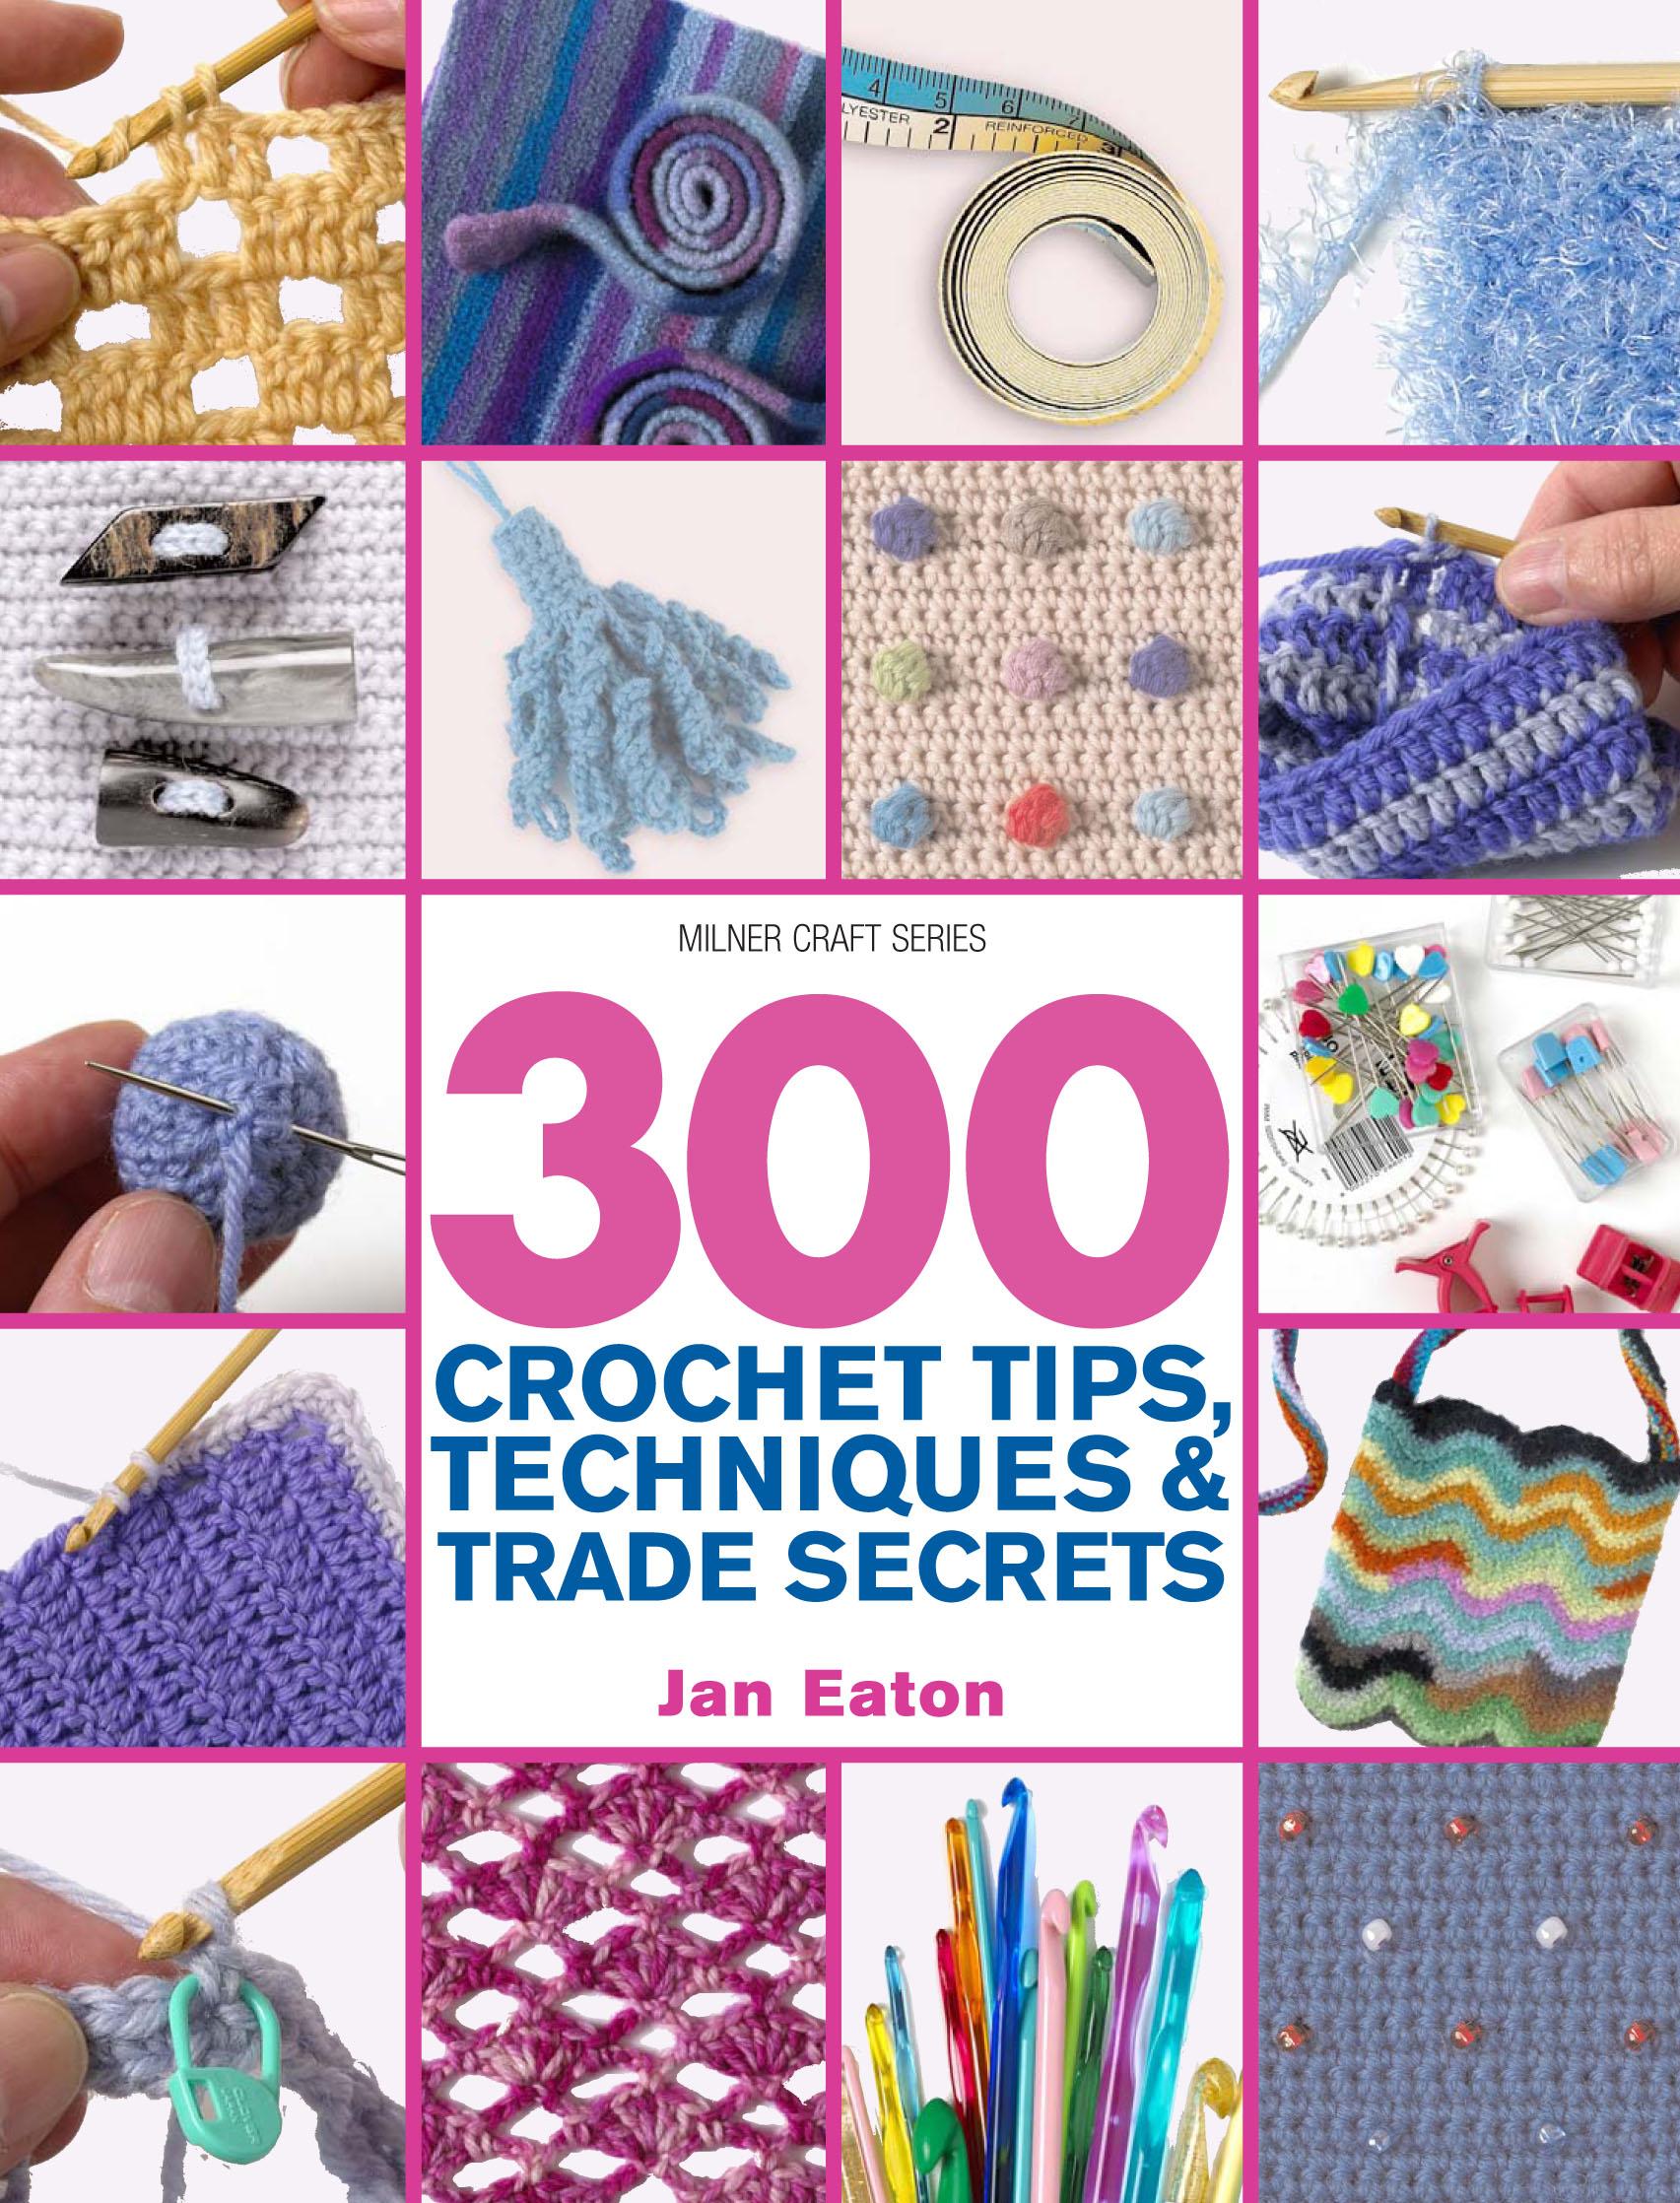 300 Crochet Tips,Techniques & Trade Secrets